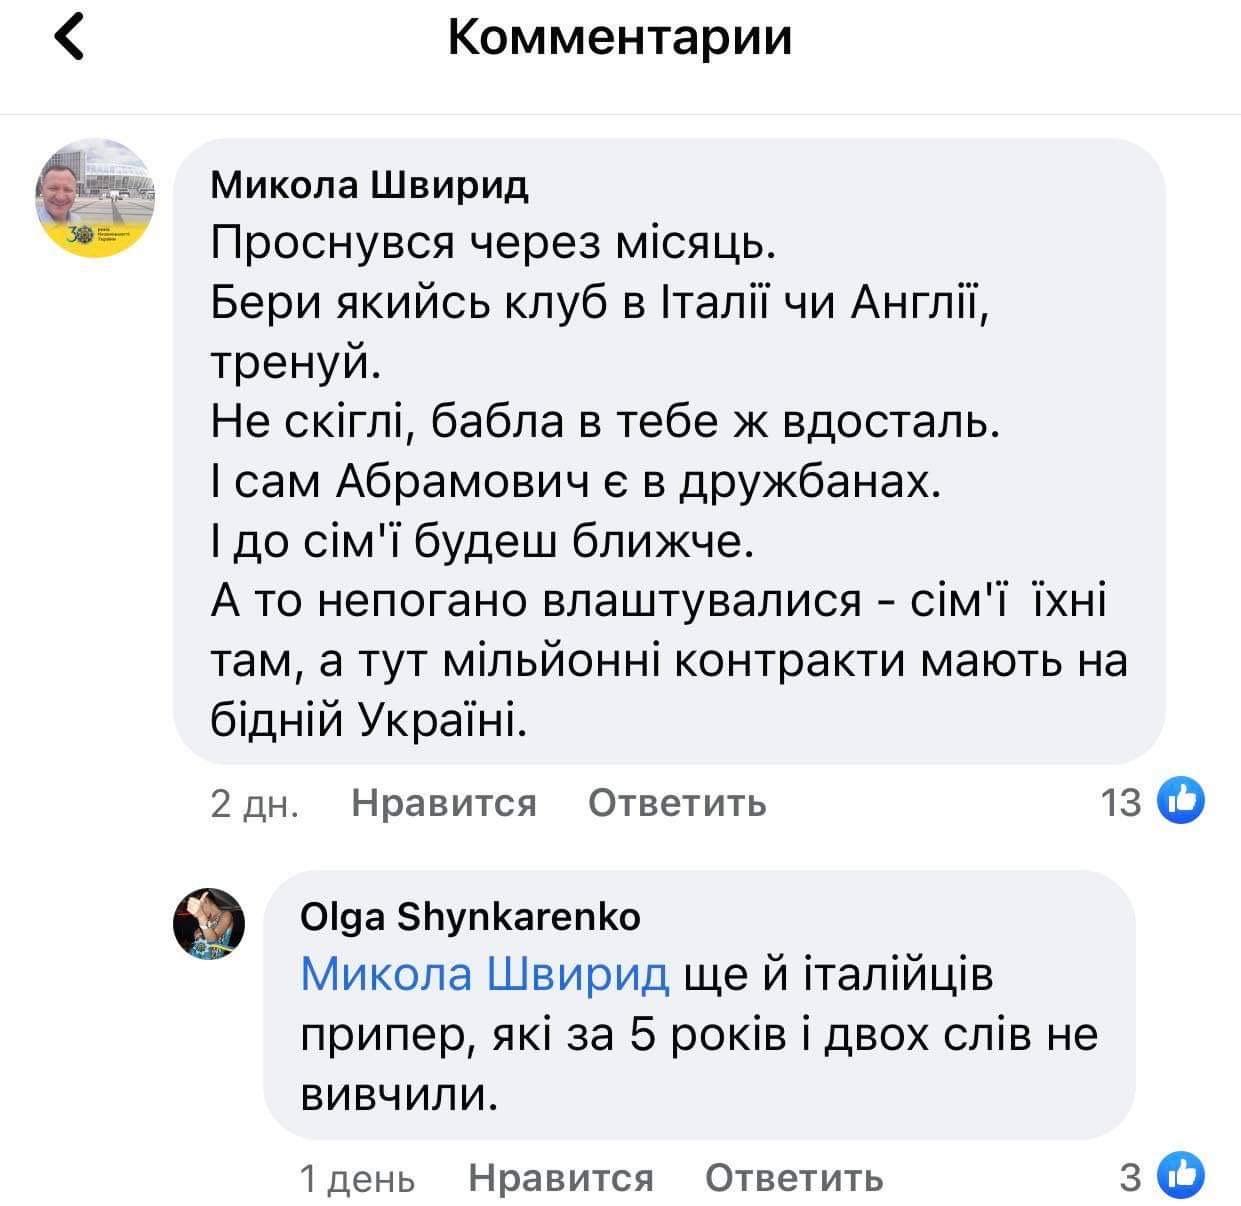 «До Евро говорил о работе в клубе, а после Евро клуба не оказалось»: как украинцы реагируют на заявление Шевченко - фото 5